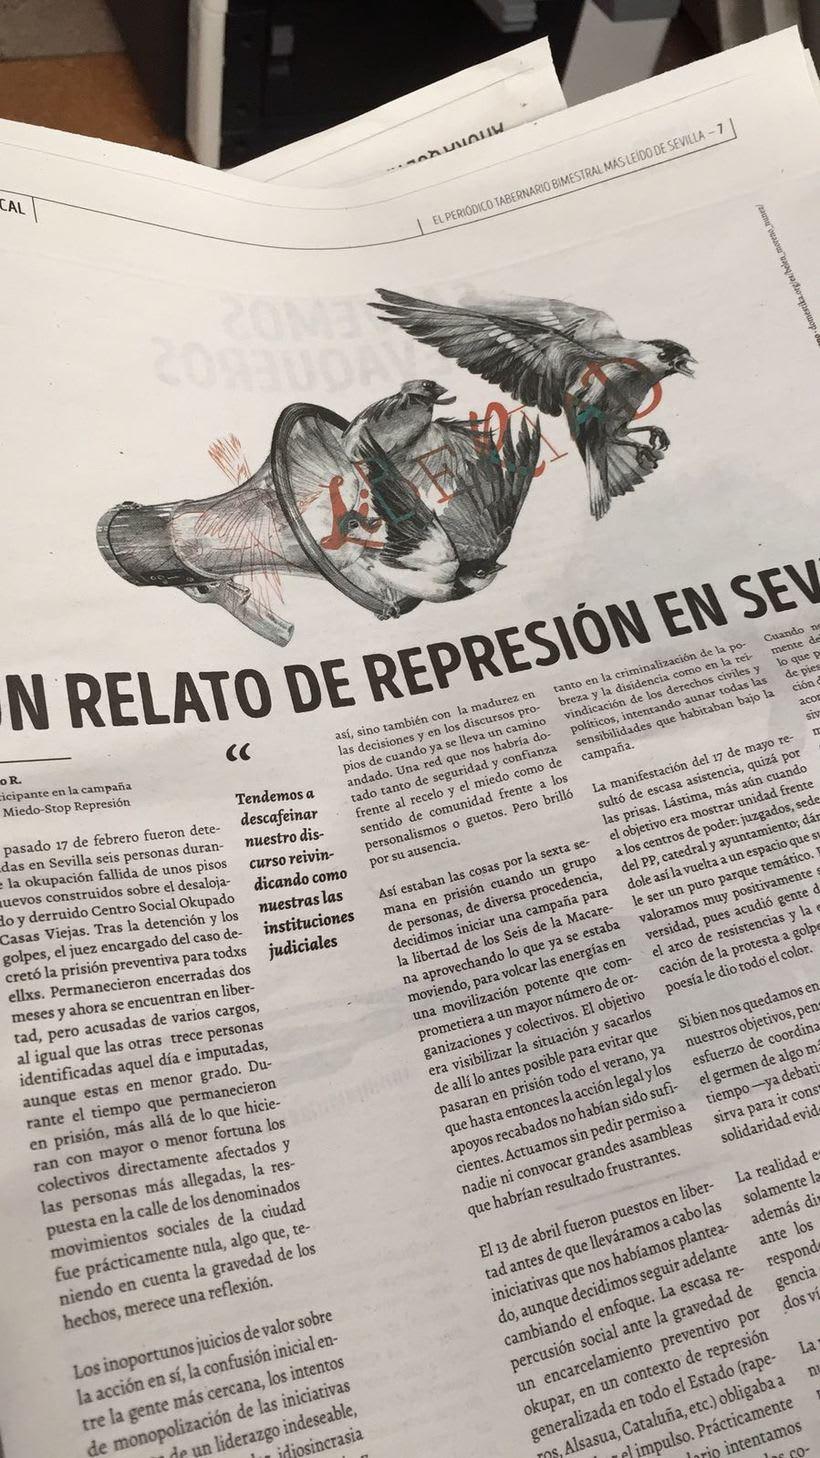 Stoprepresion 5